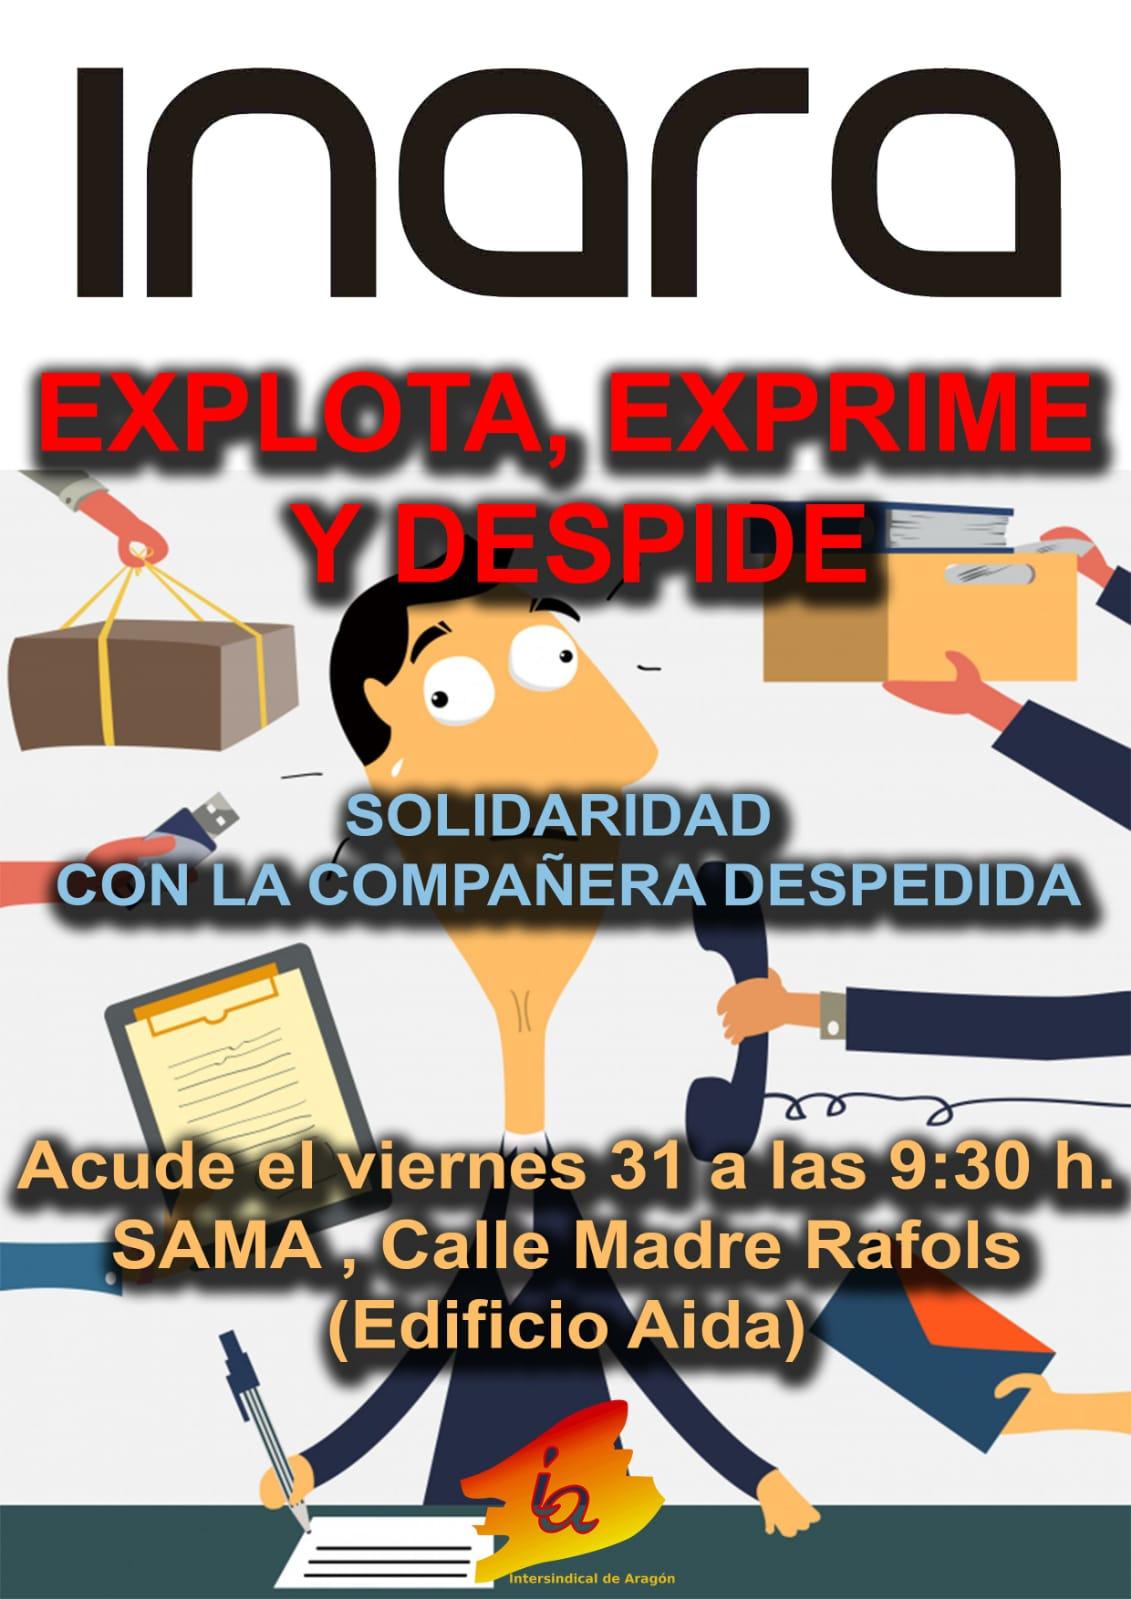 Zaragoza. INARA, empresa fabricante de cocinas, explota, exprime y despide. SAMA, viernes 31 de Mayo a las 09:00 h.